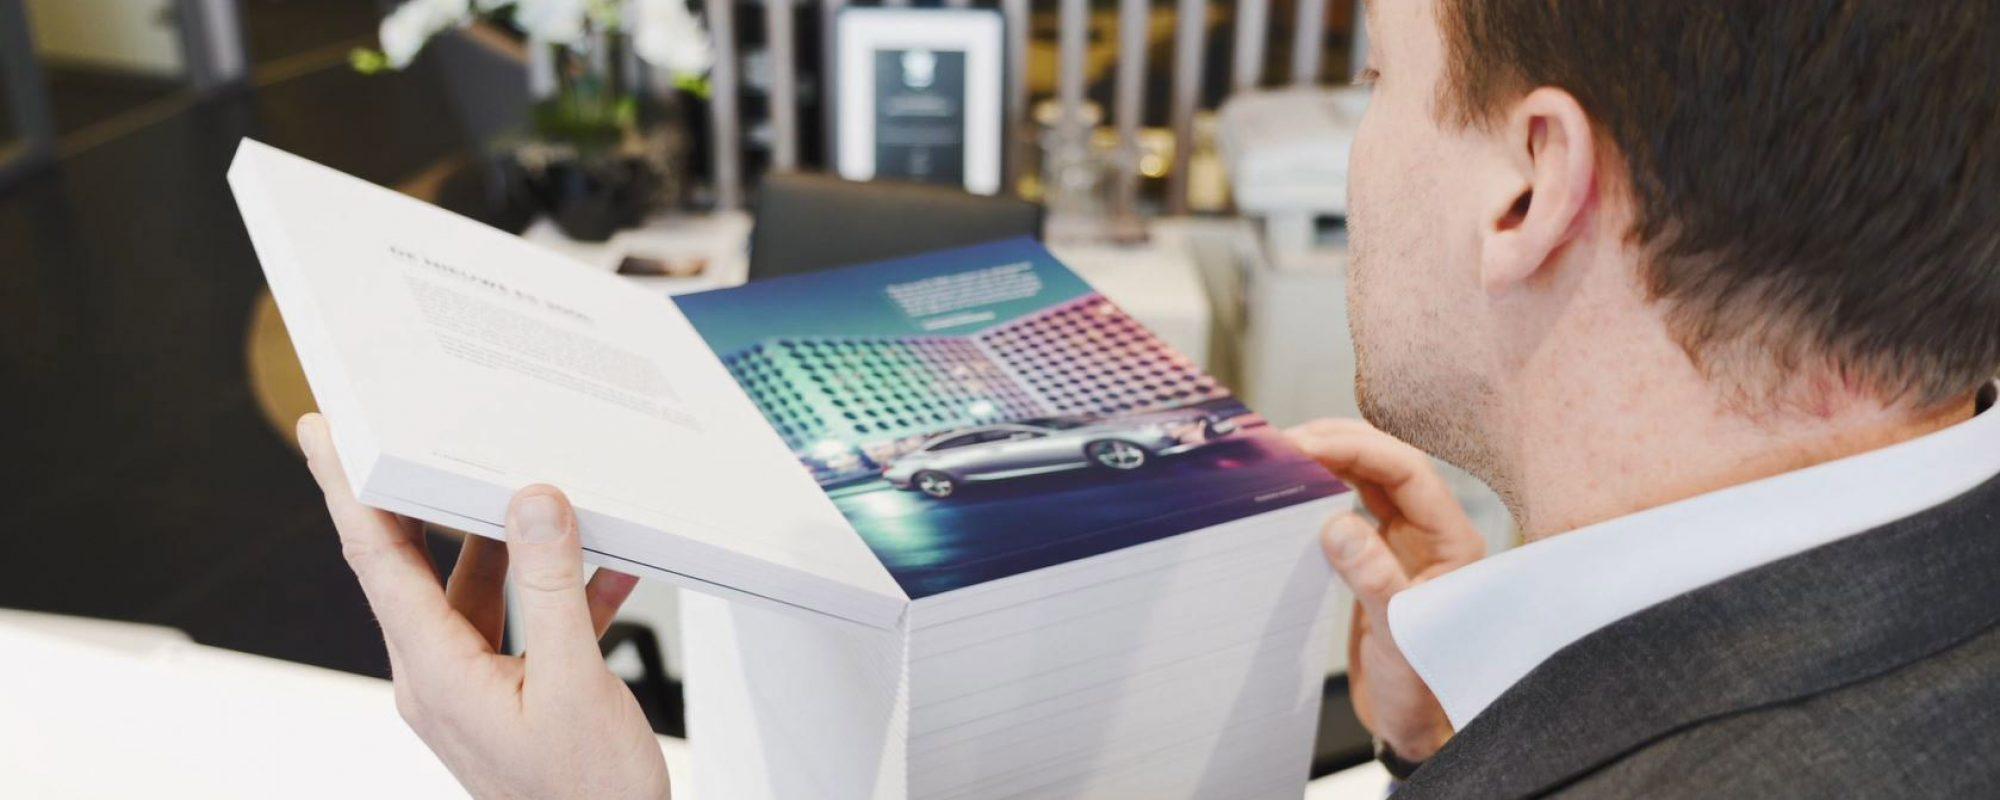 Lexus ontwikkelt 'allesbehalve standaard'-brochure voor nieuwe LexusES300[h]